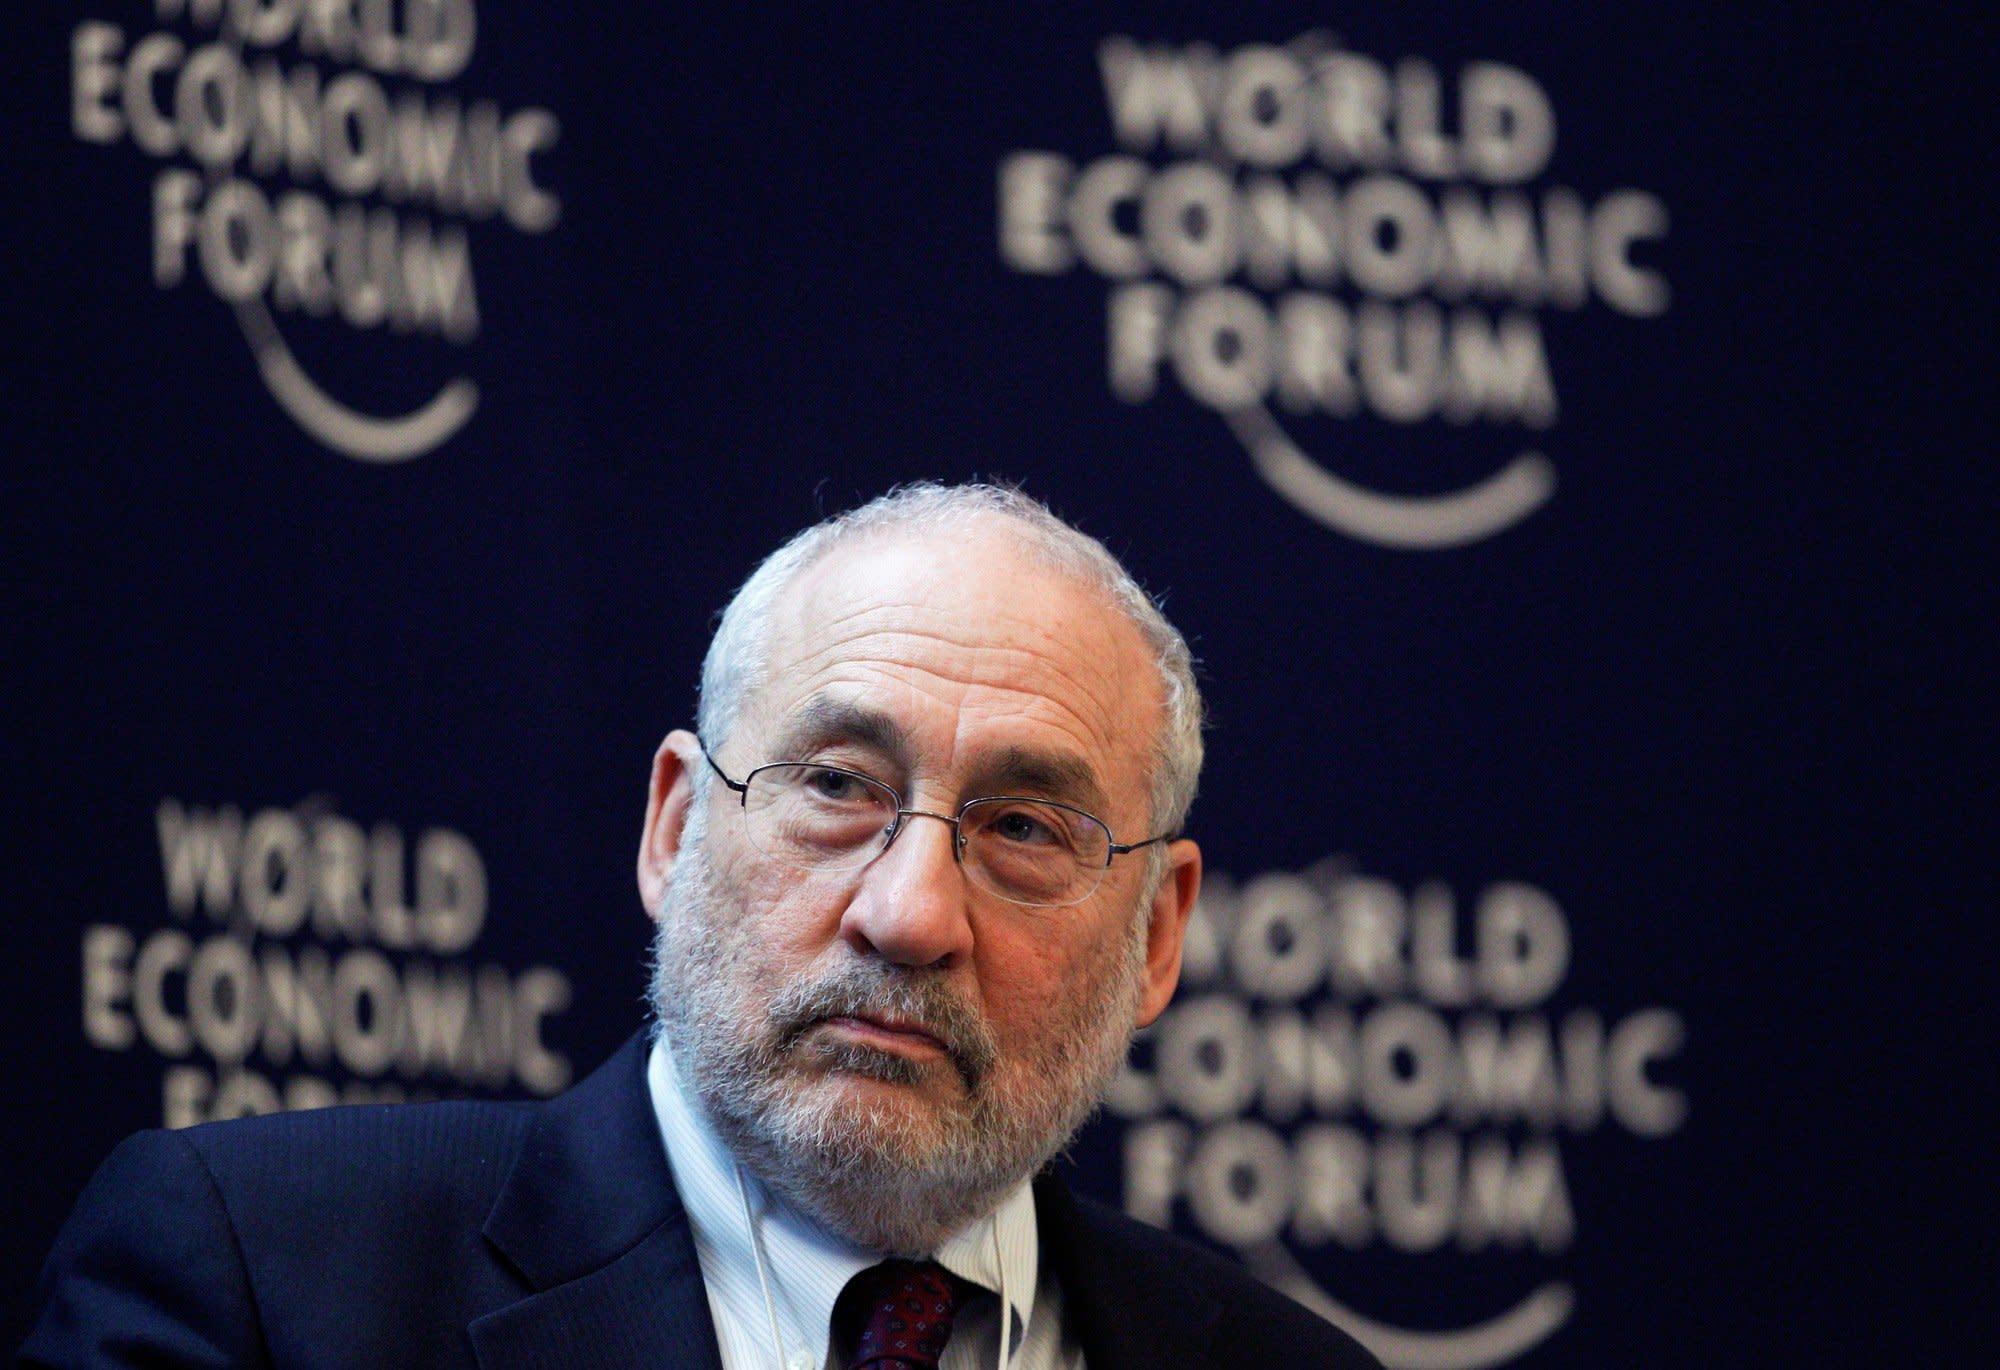 LOL! US Nobel Laureate Economist Wants to 'Shut Down' Cryptocurrencies